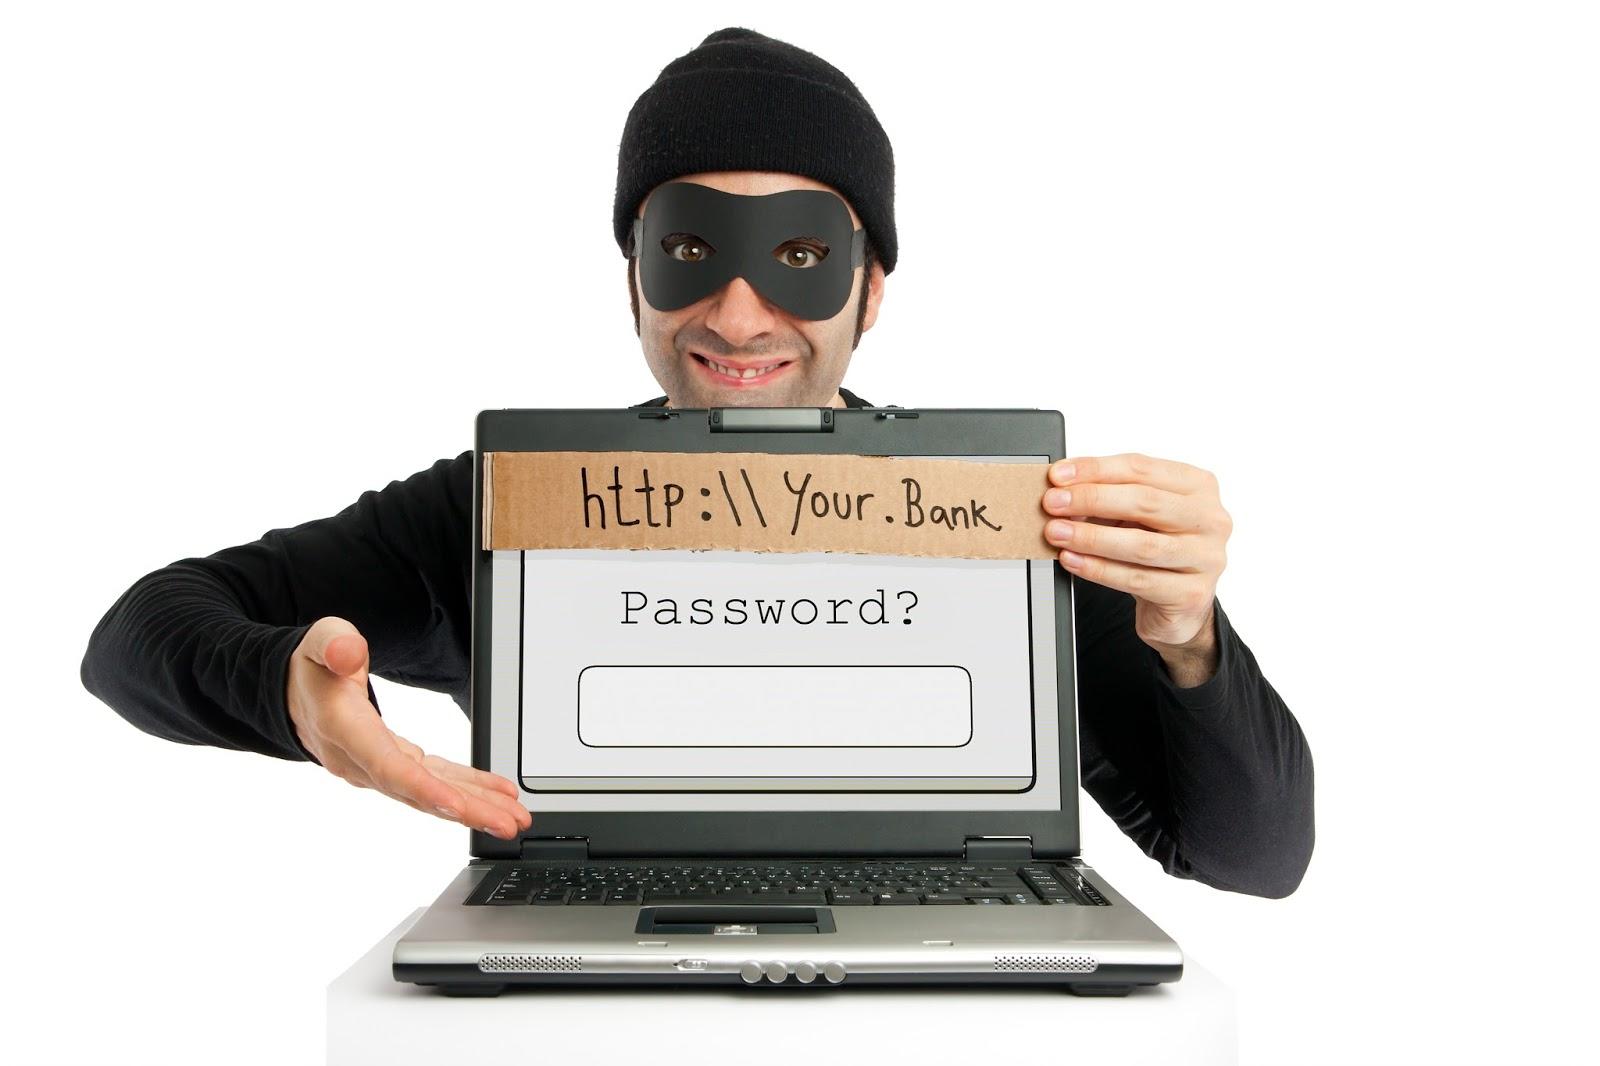 Nhận biết một trang đăng nhập an toàn